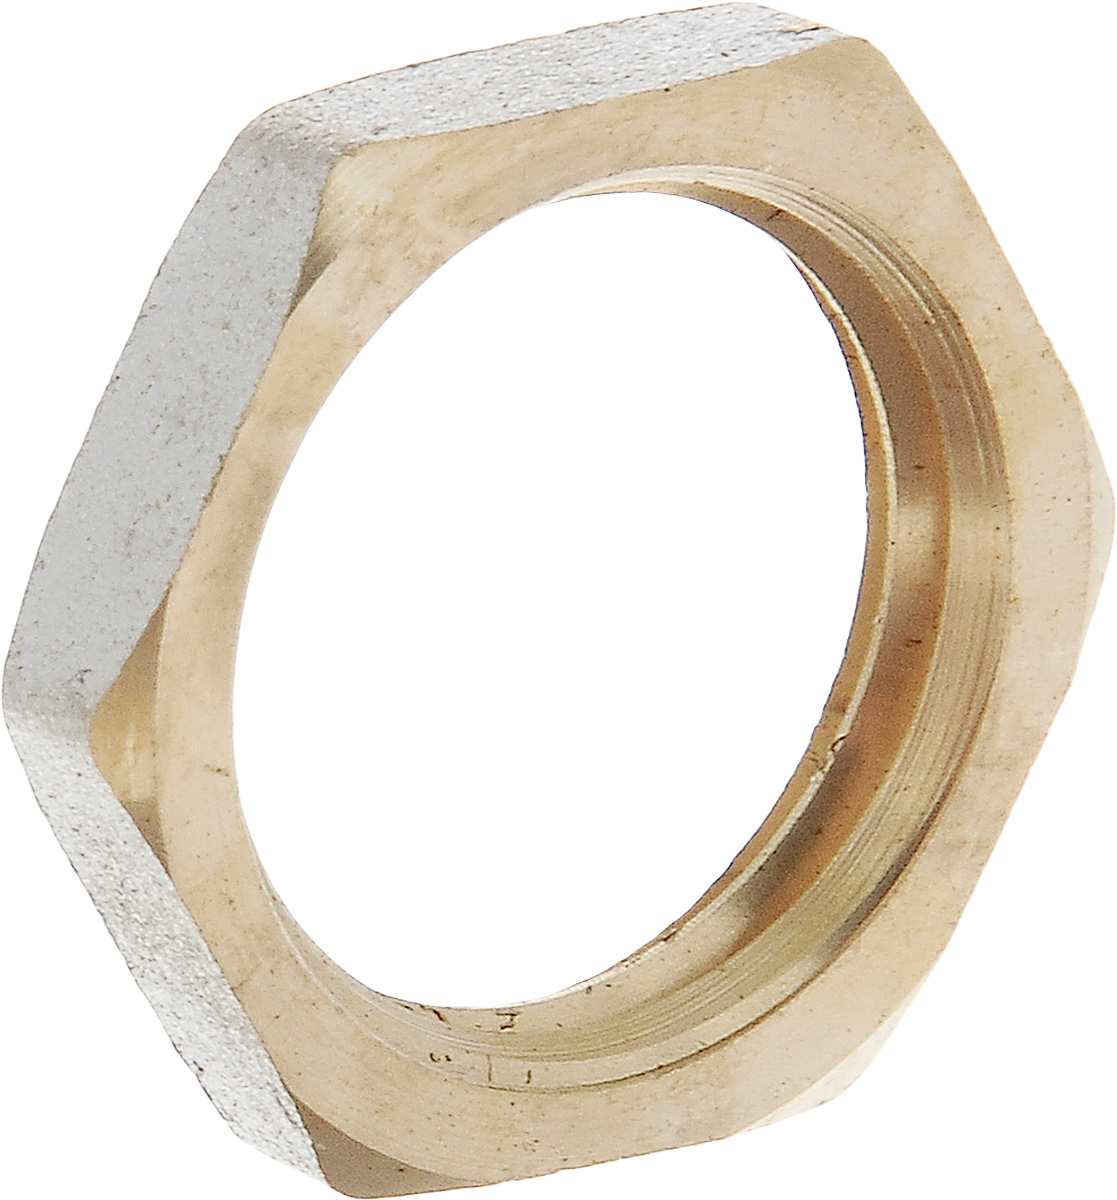 Контргайка U-Tec, с фаской, 1/234854Контргайка с фаской U-Tec - это добавочная гайка, создающая дополнительное натяжение и трение в резьбовом соединении, затрудняя тем самым самоотвинчивание. Изделие изготовлено из прочной и долговечной латуни. Никелированное покрытие на внешнем корпусе защищает изделие от окисления. Продукция под торговой маркой U-Tec прошла все необходимые испытания и по праву может считаться надежной.